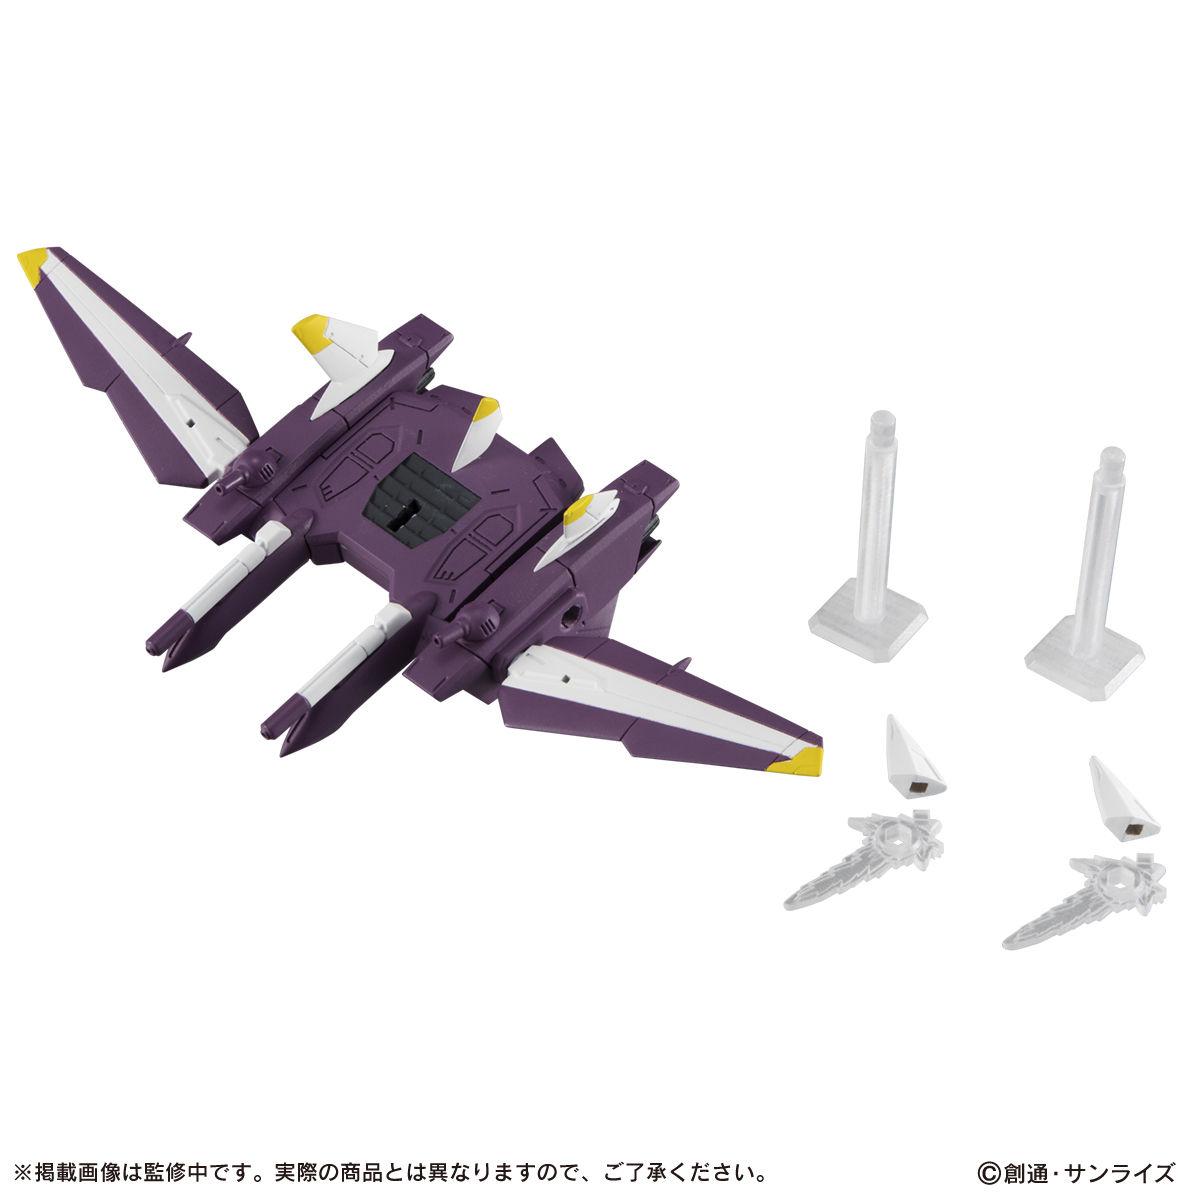 【限定販売】MOBILE SUIT ENSEMBLE『EX28 ジャスティスガンダム』デフォルメ可動フィギュア-007